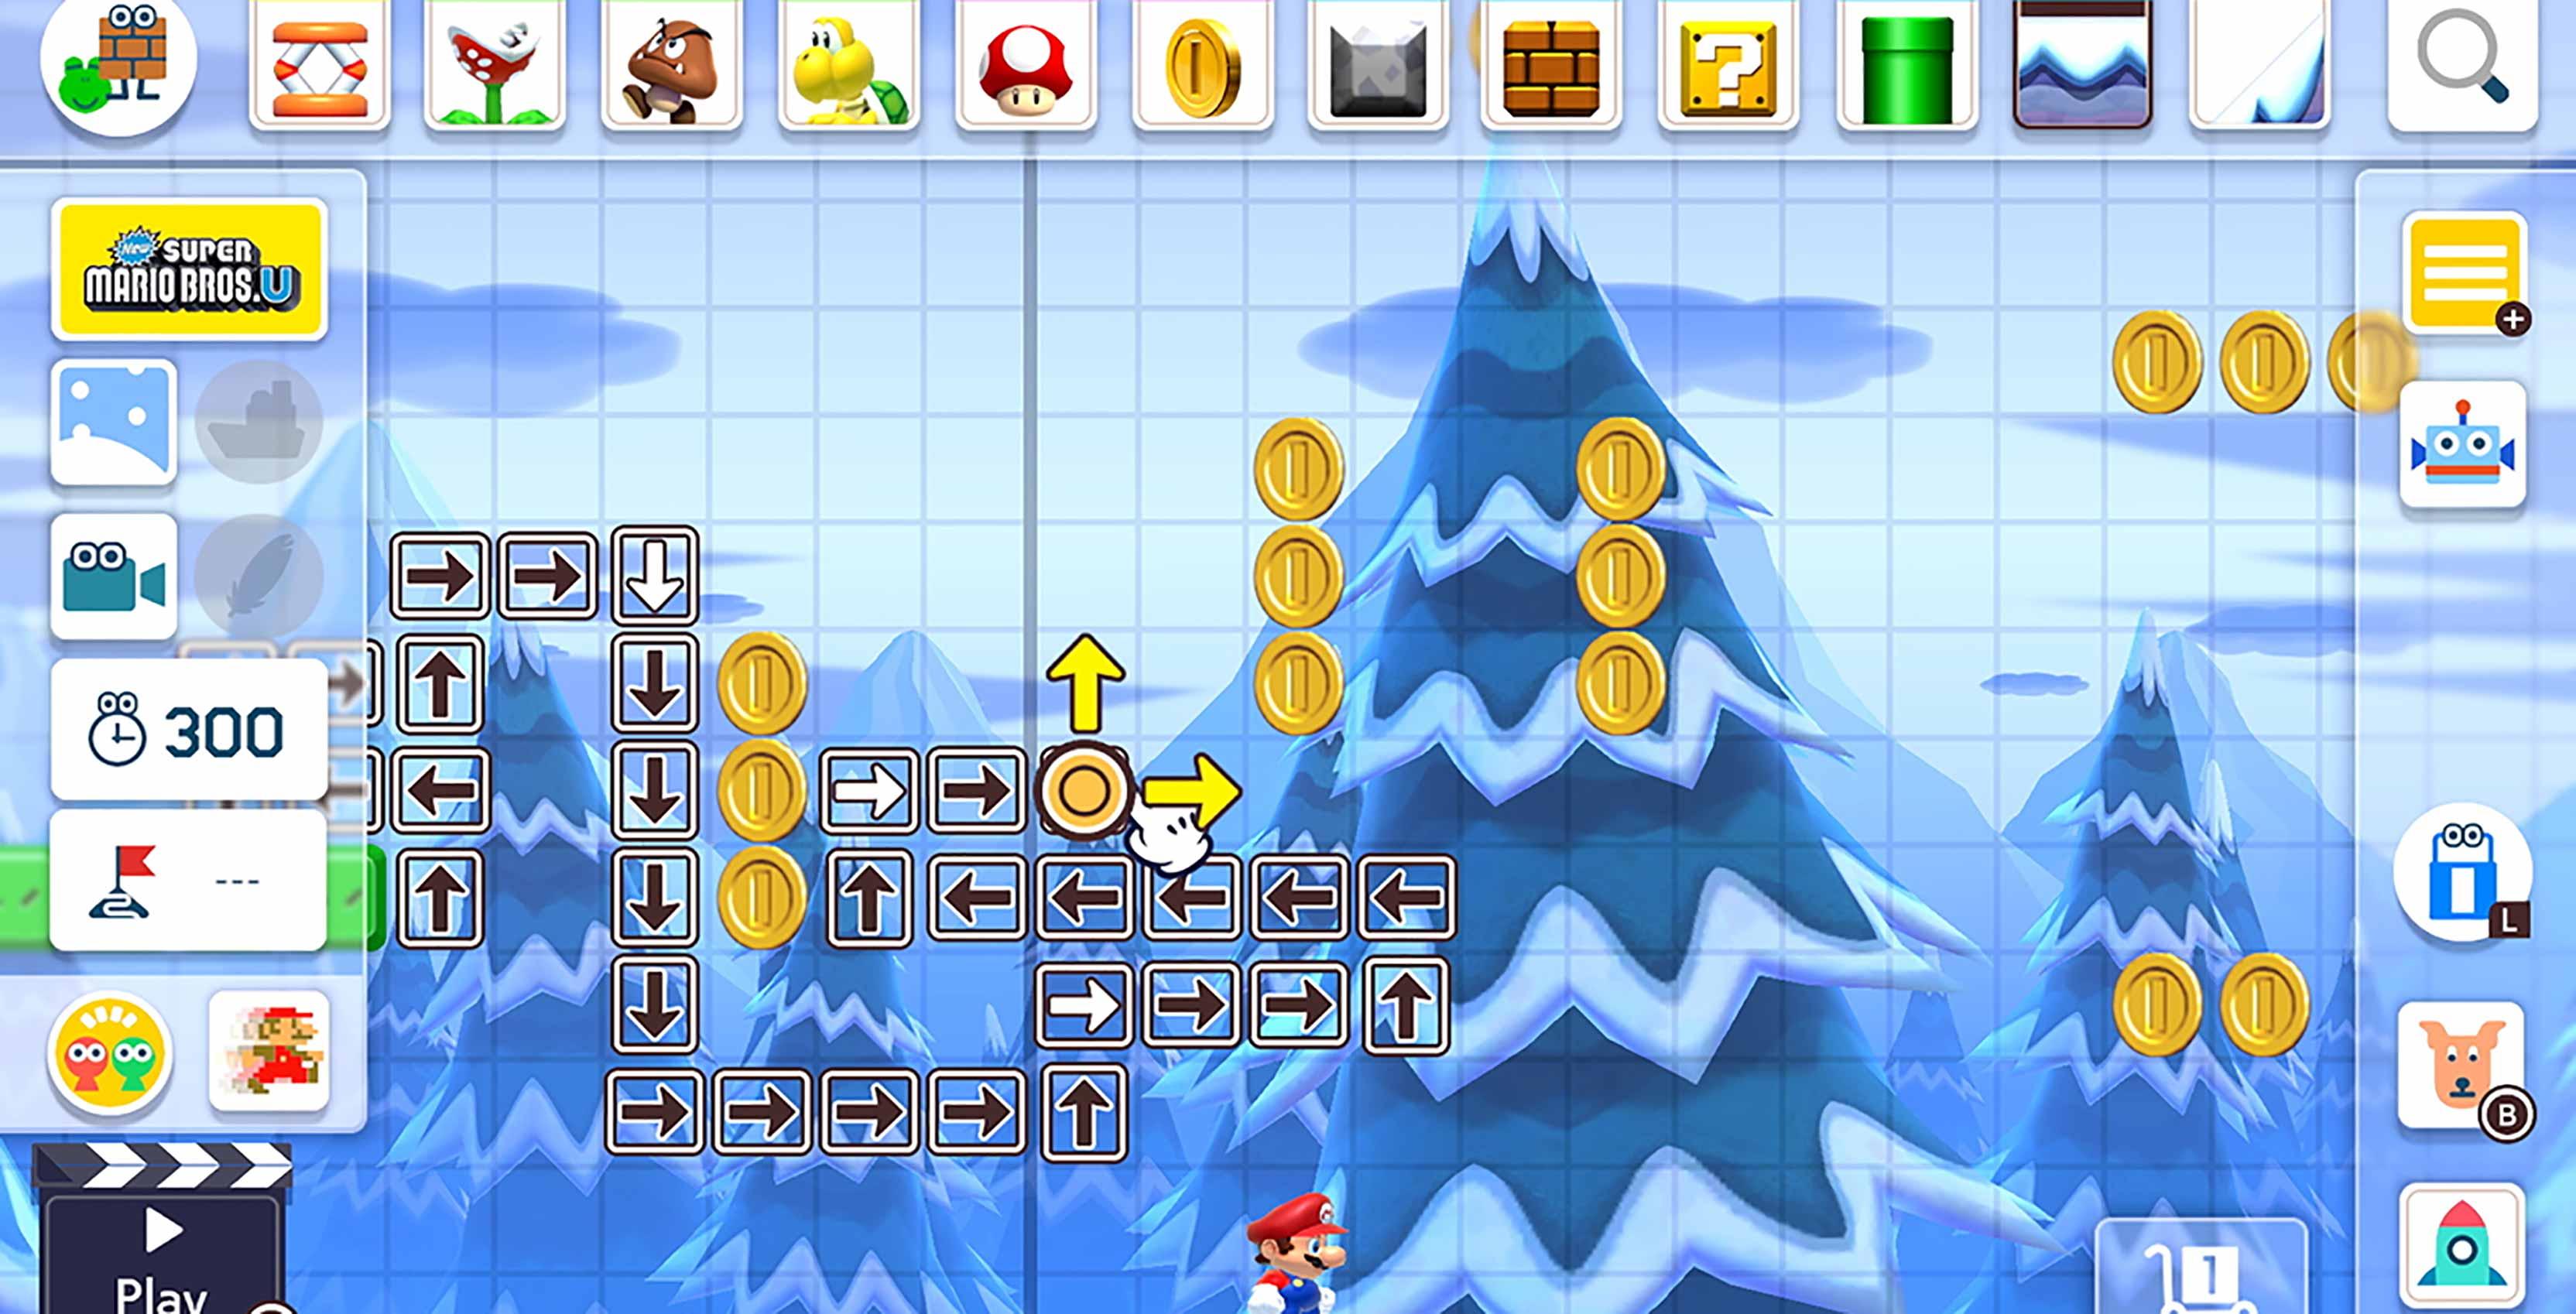 Super Mario Maker 2 creation tools